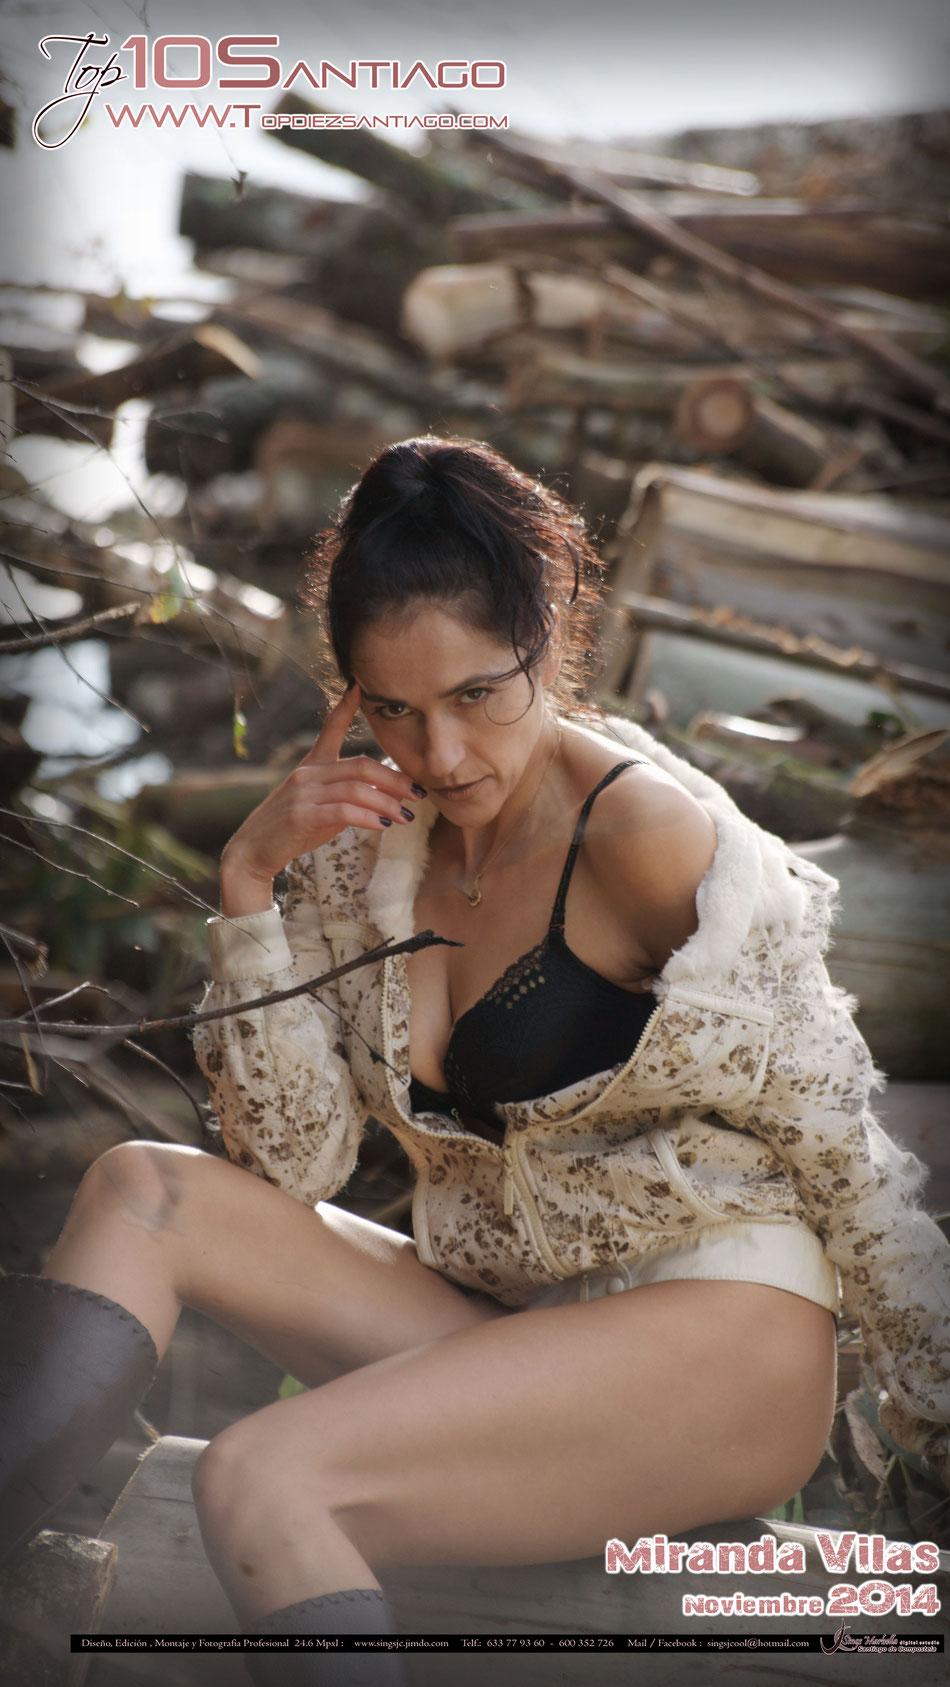 Miranda Vilas, en Nuestro Calendario Virtual Noviimbre 2014